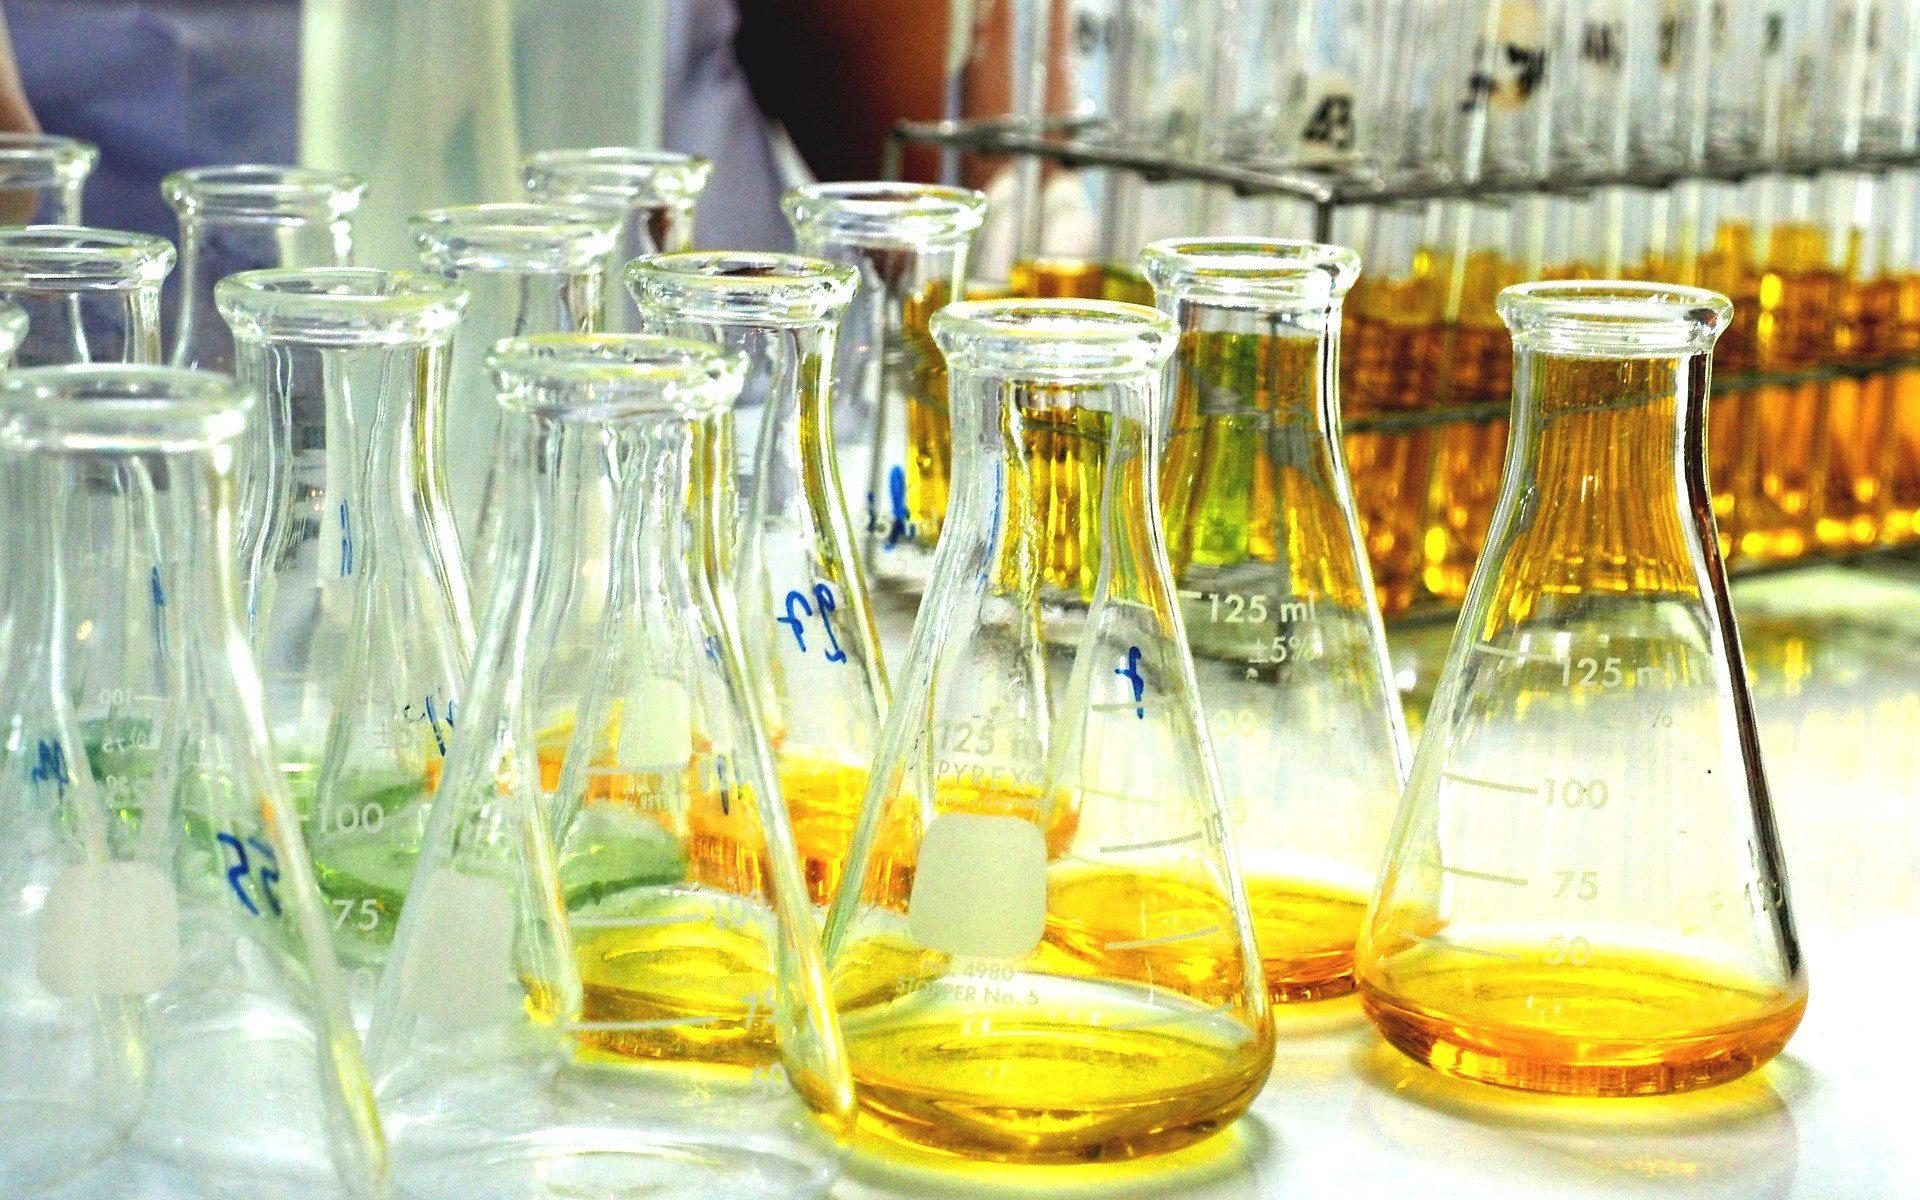 La fórmula de l'oli